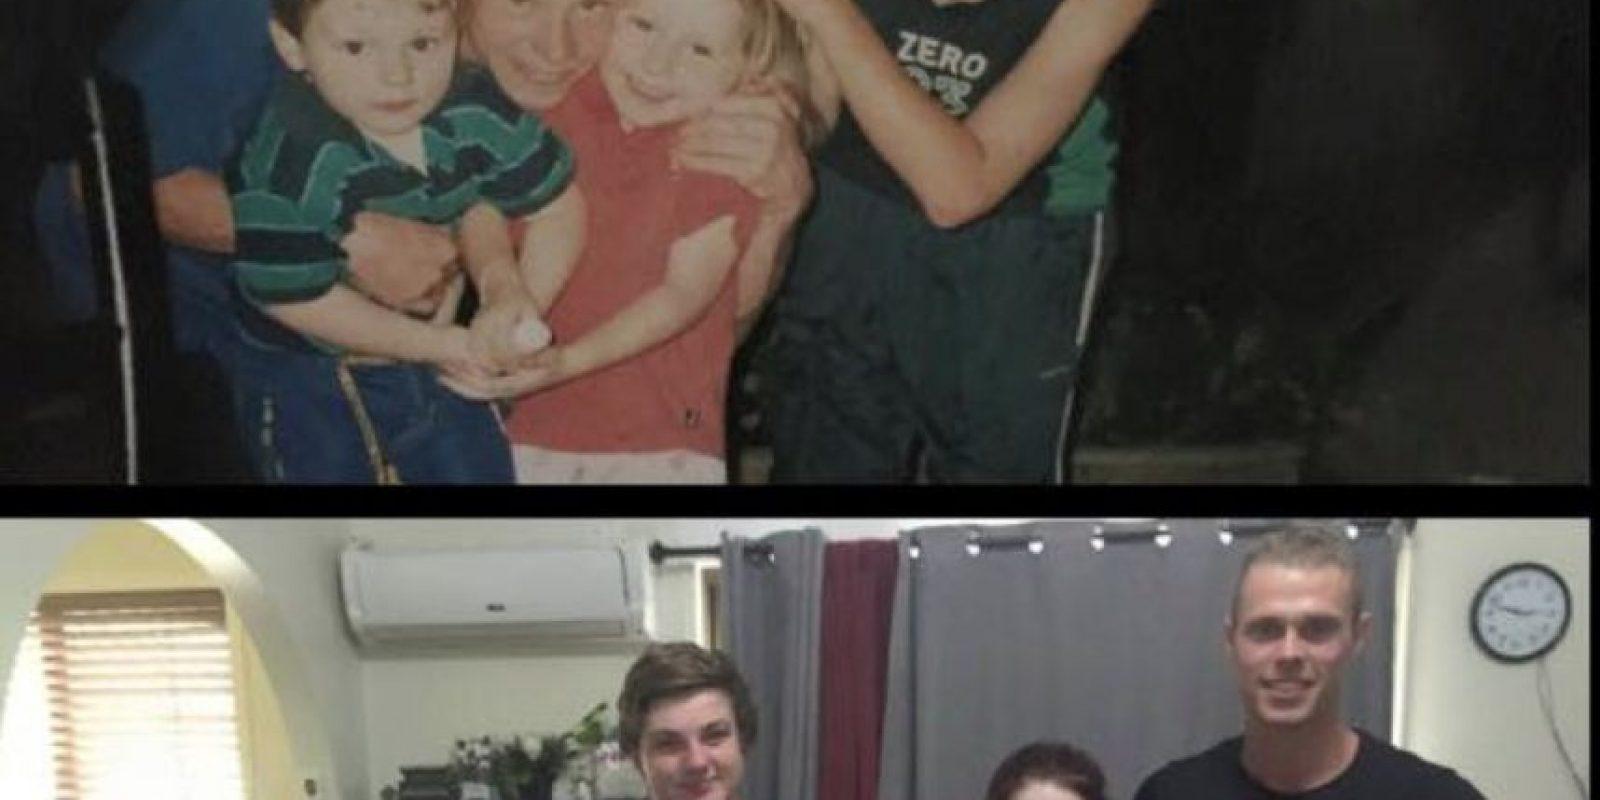 Los primos cuando eran pequeños y en la actualidad. Foto:facebook.com/tommy.connolly.39